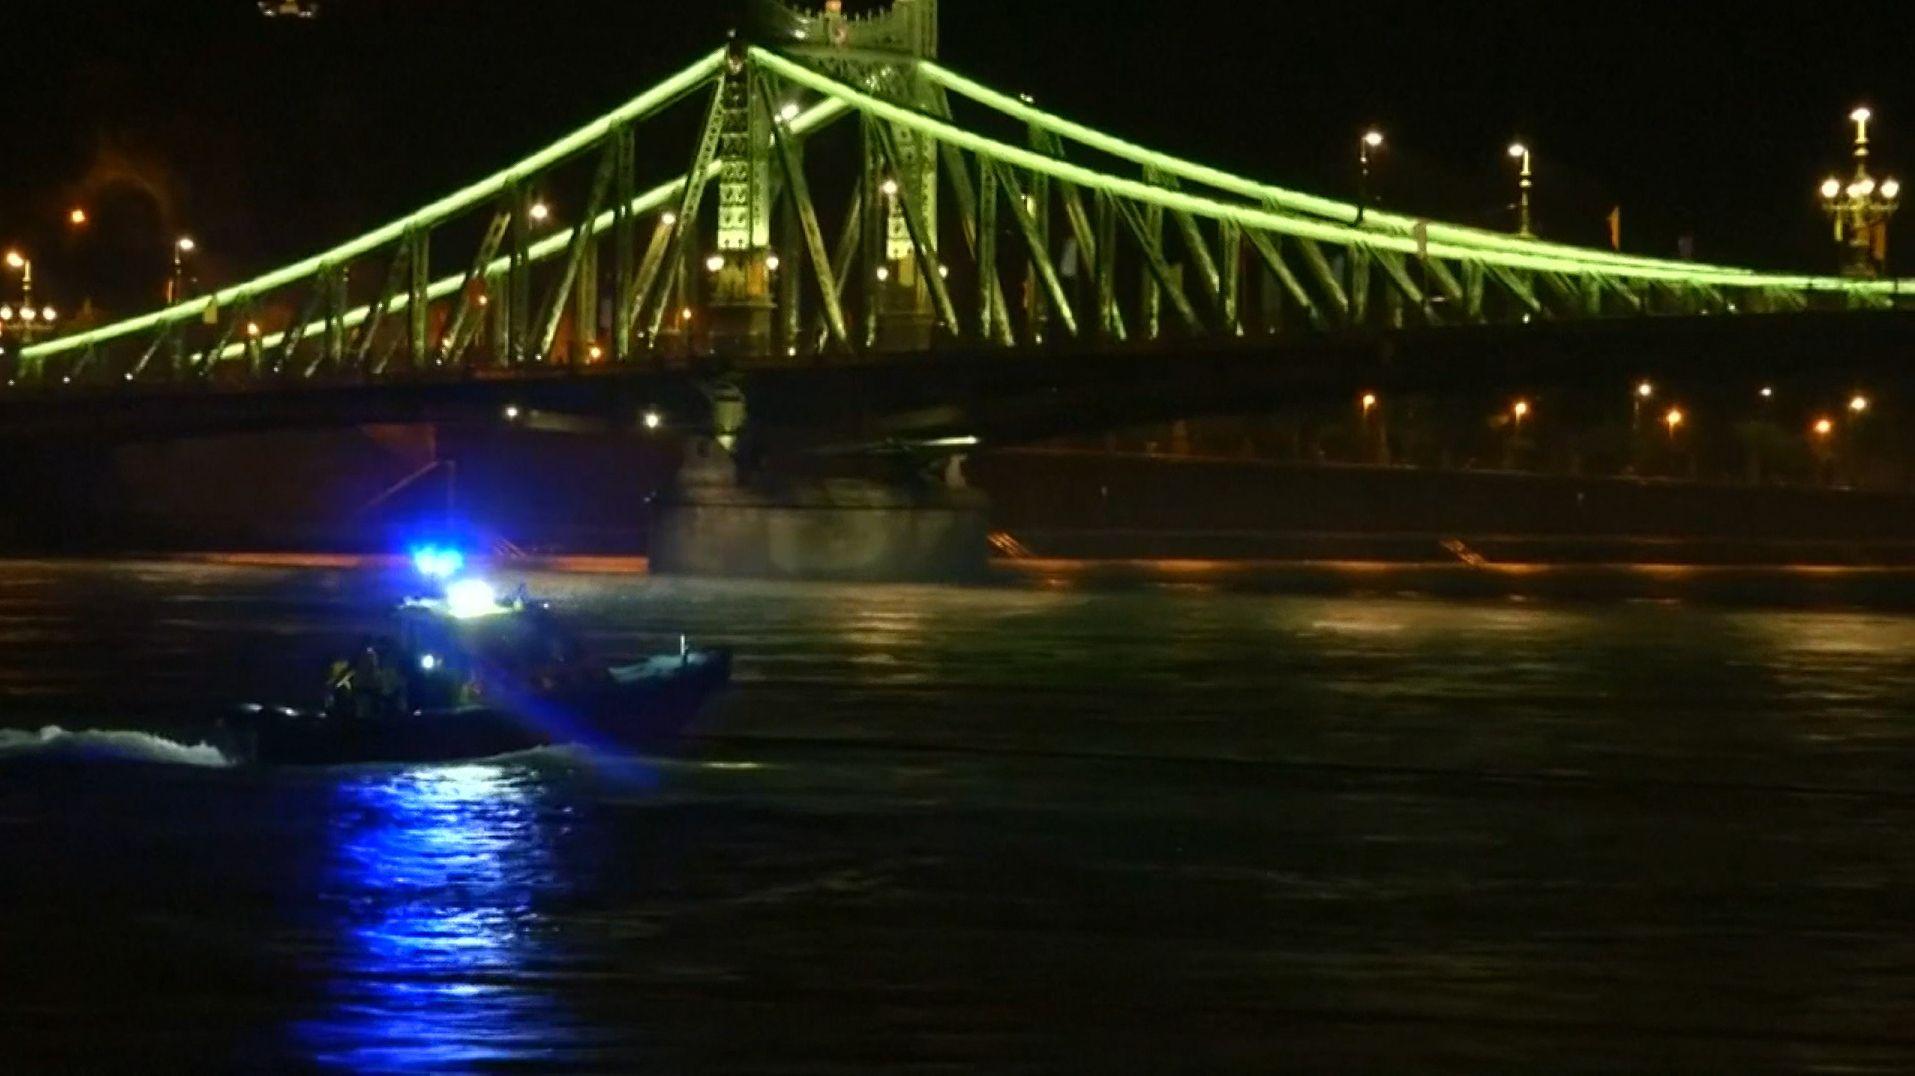 Nach dem Schiffsunglück im Zentrum Budapests: Suche nach Vermissten